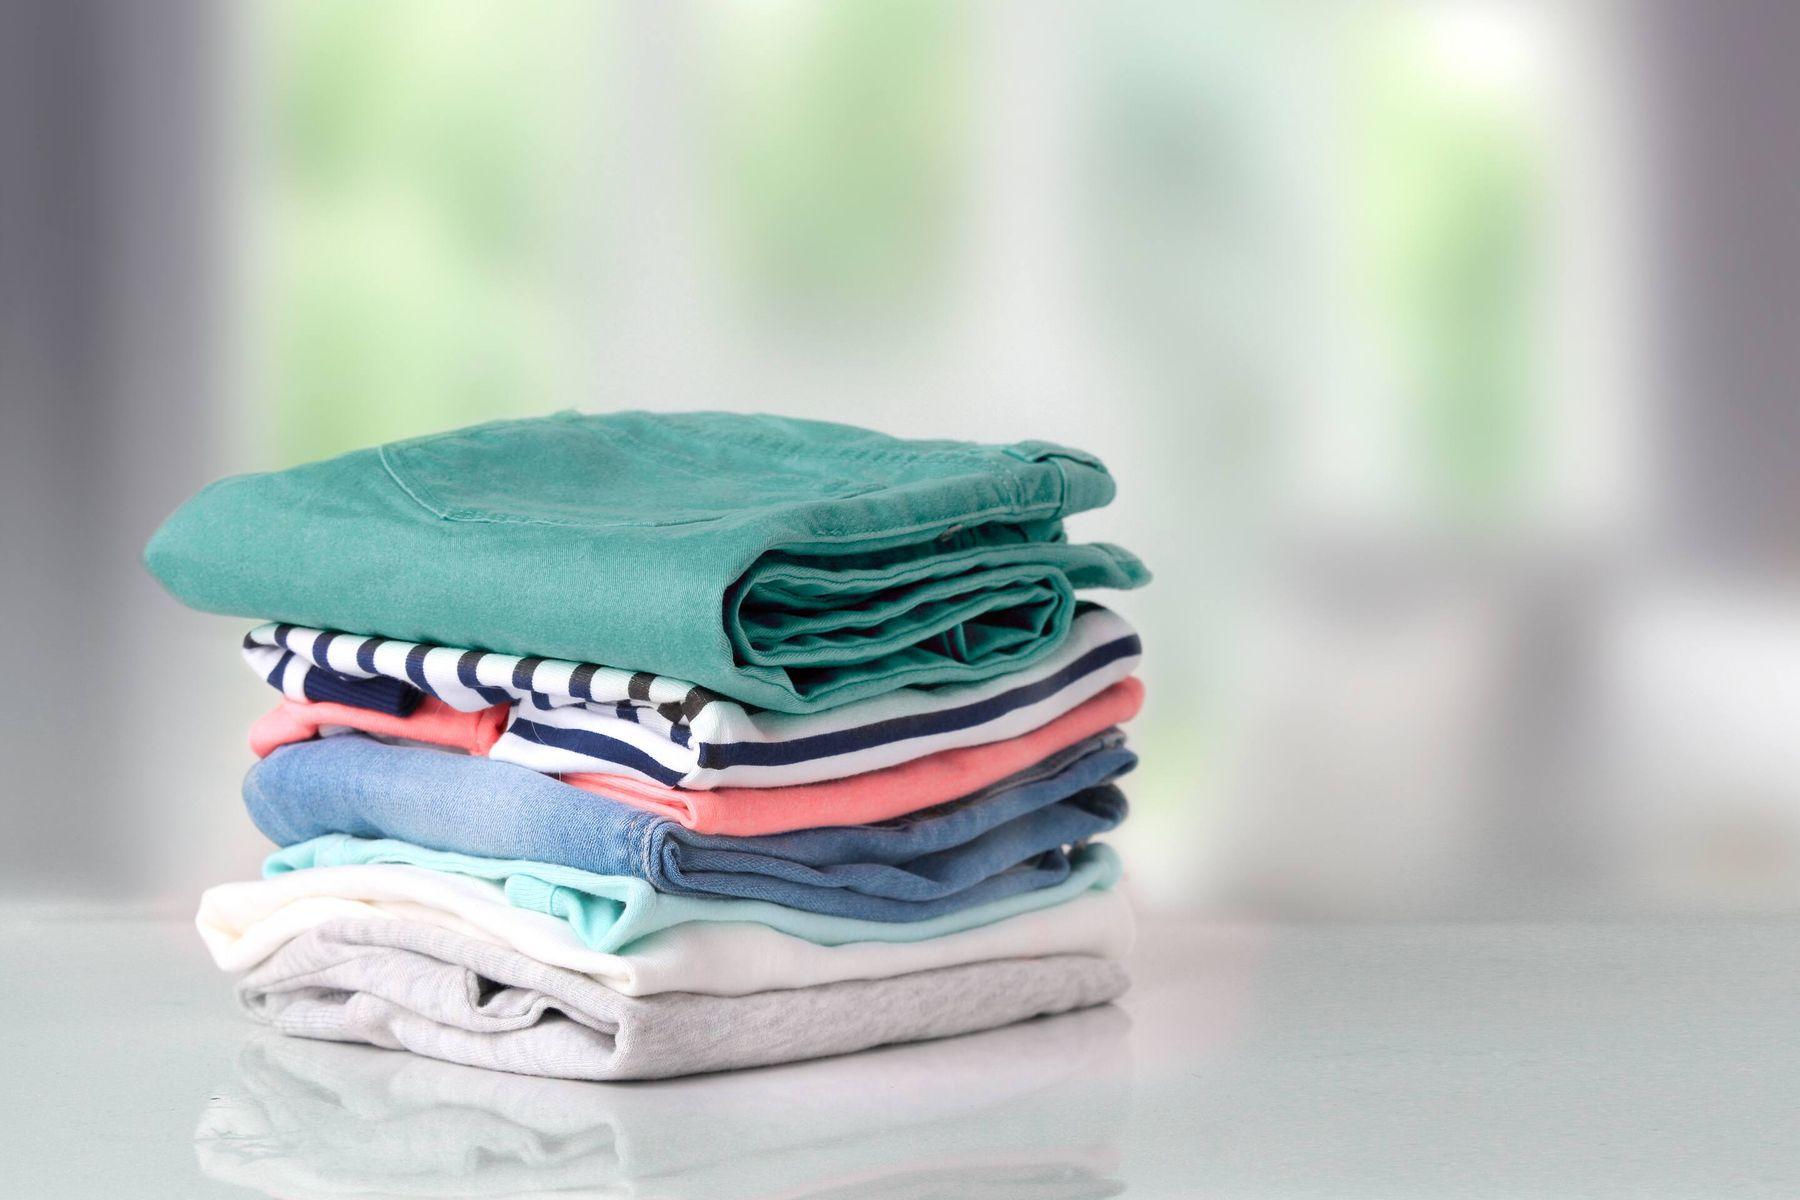 गर्म पानी से धोने हैं कॉटन के कपड़े? तो इन बातों पर ग़ौर  करें!